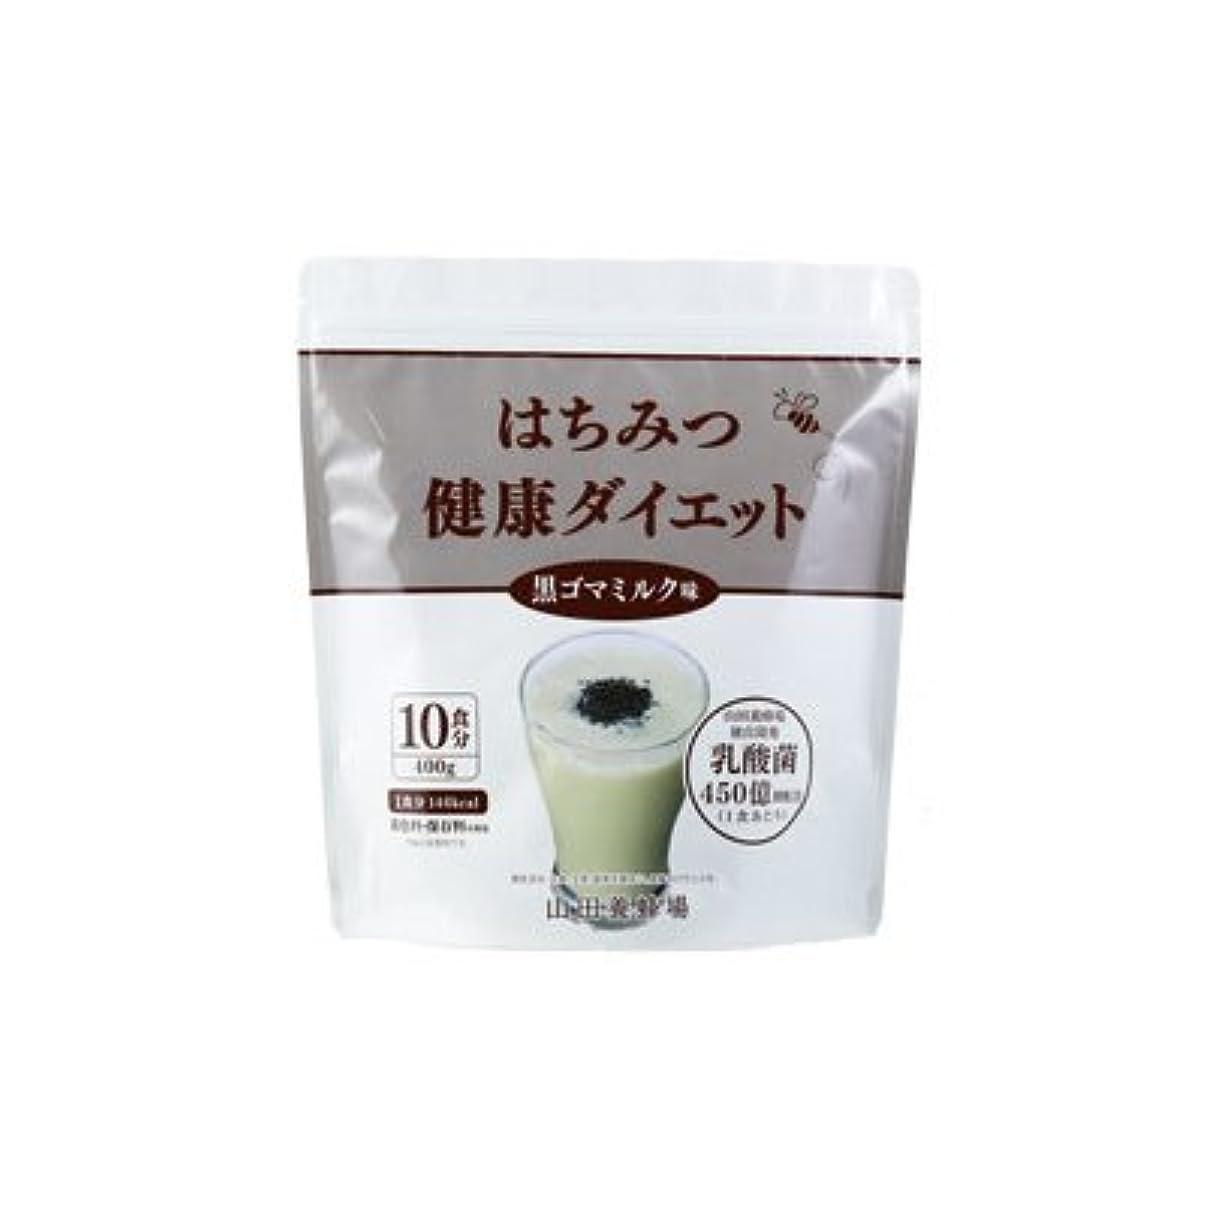 はちみつ健康ダイエット 【黒ごまミルク味】400g(10食分)